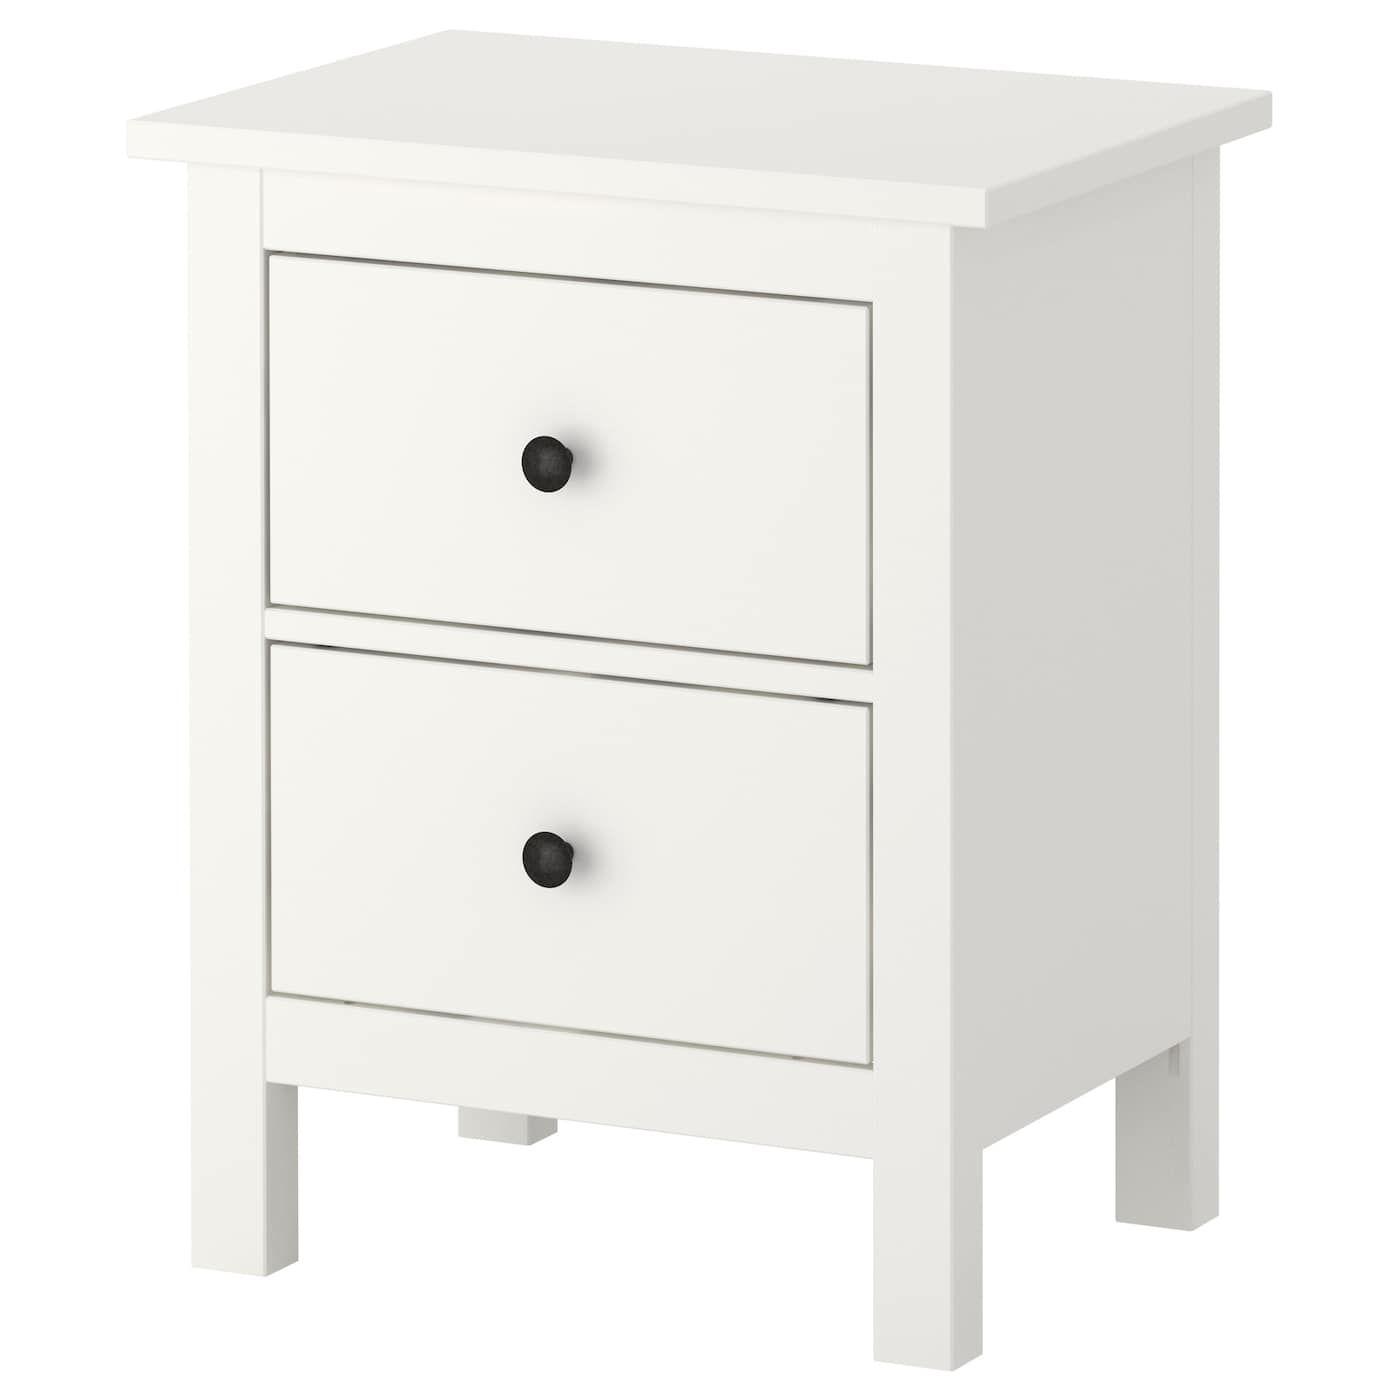 Ikea Nachttisch Günstig   Test 6